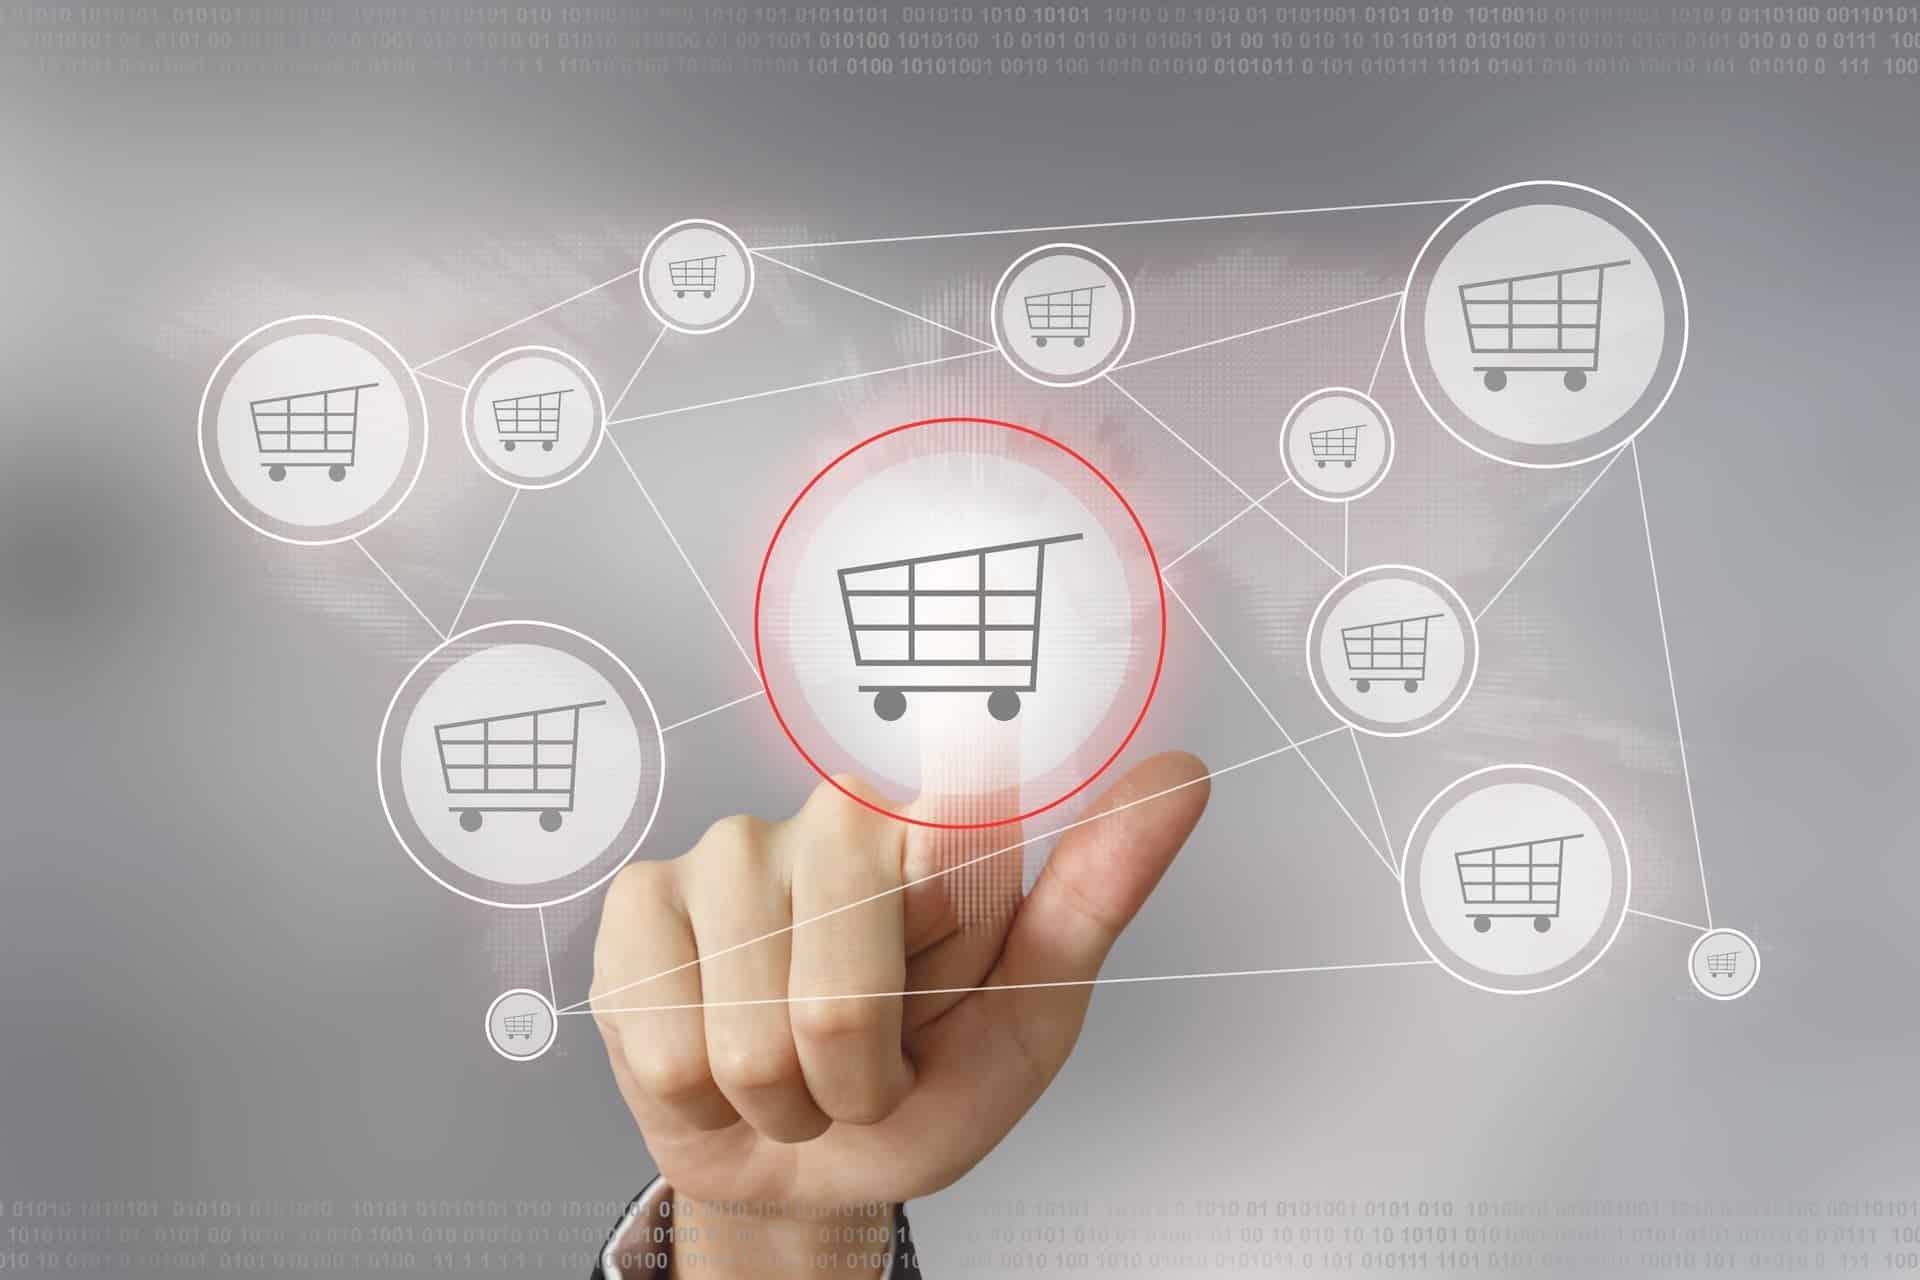 Descubra a importância de como criar um negócio online